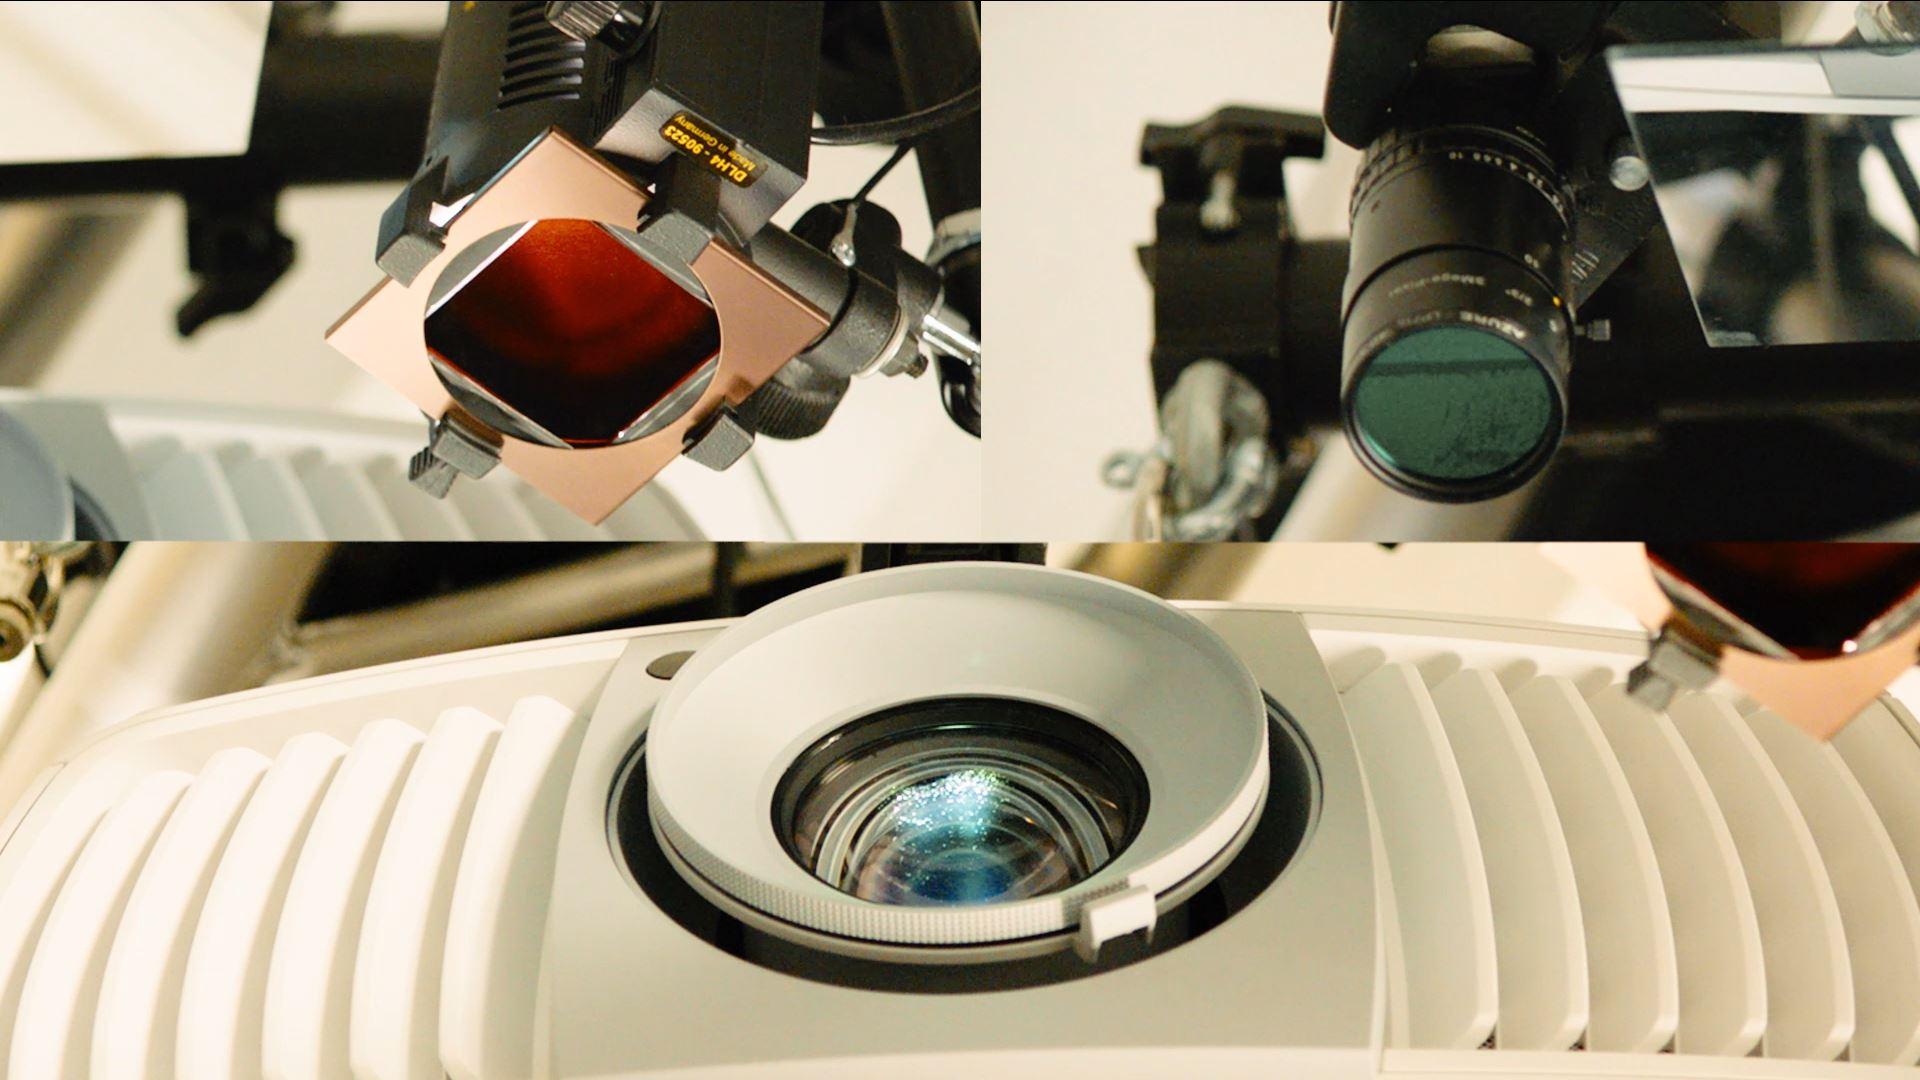 Ausschnitt aus dem Fontane interakitv Film - Splitscreen Infrarotkamera, Infrarotsensor, Projektor